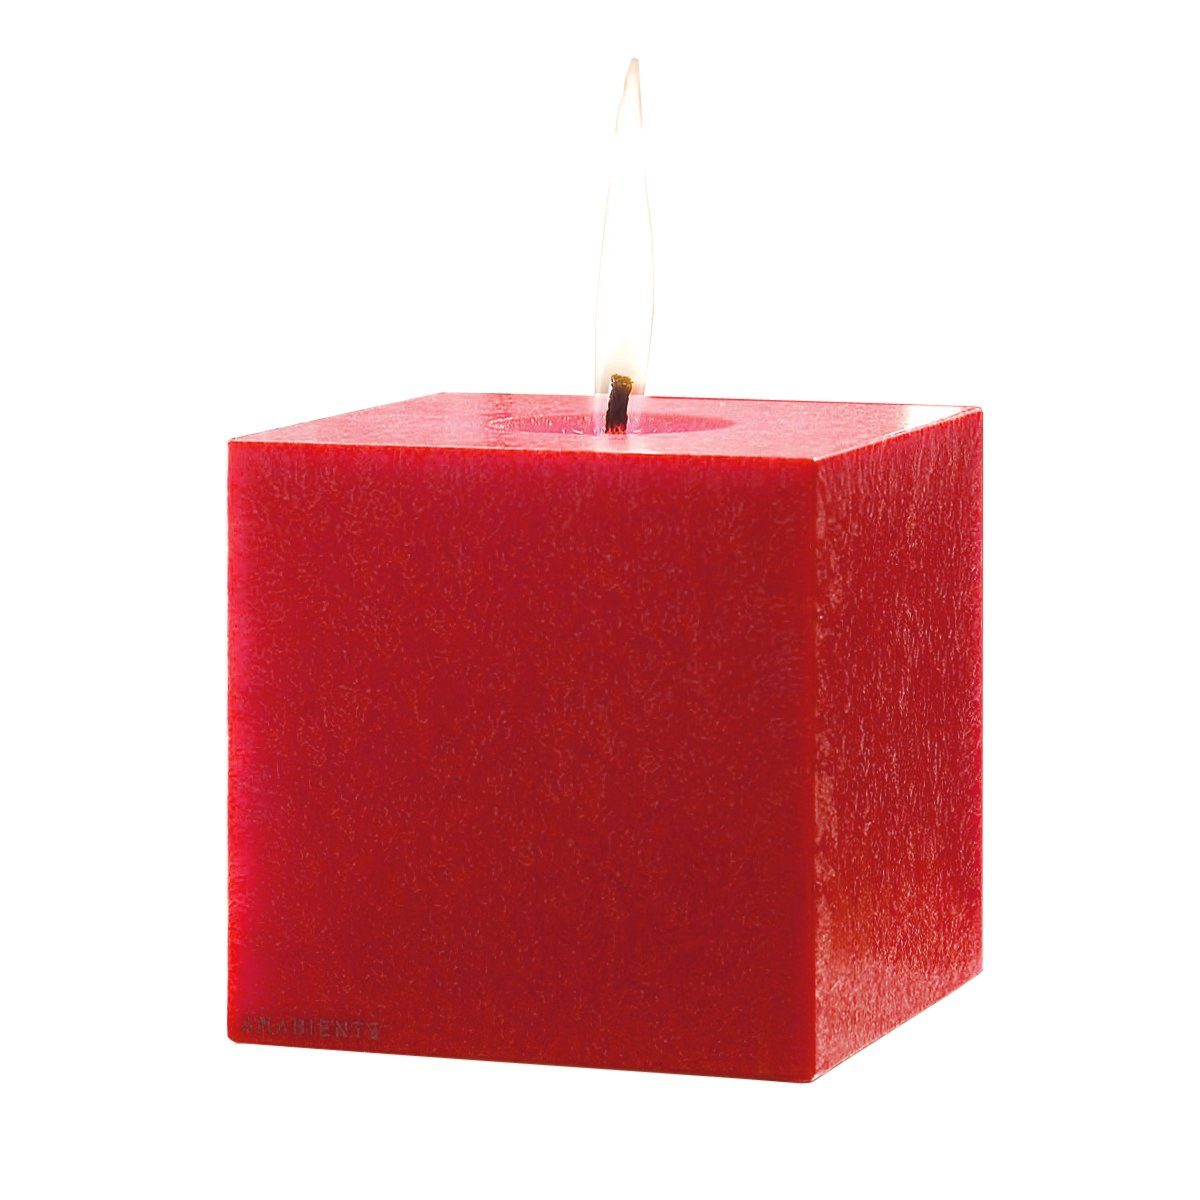 Amabiente Amabiente Kerze KUBUS feuerrot 12 cm